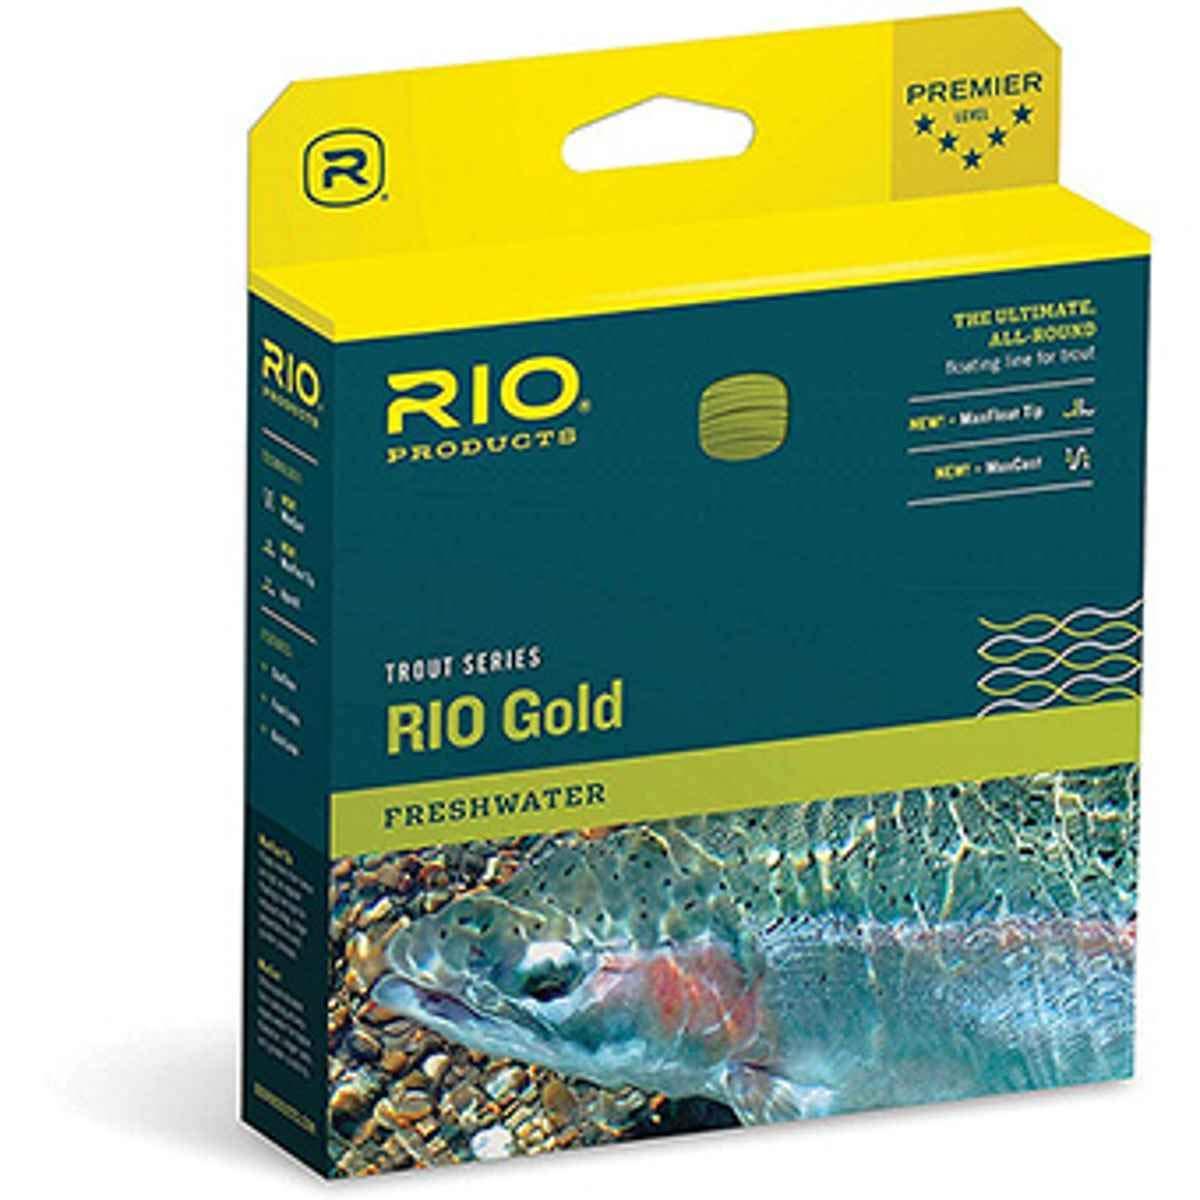 輝く高品質な (WF6F, MOSS (WF6F,/GOLD) MOSS/GOLD) - Rio Line Gold Fly Line B00279PYCQ, アロマ生活:6a8d12b3 --- a0267596.xsph.ru